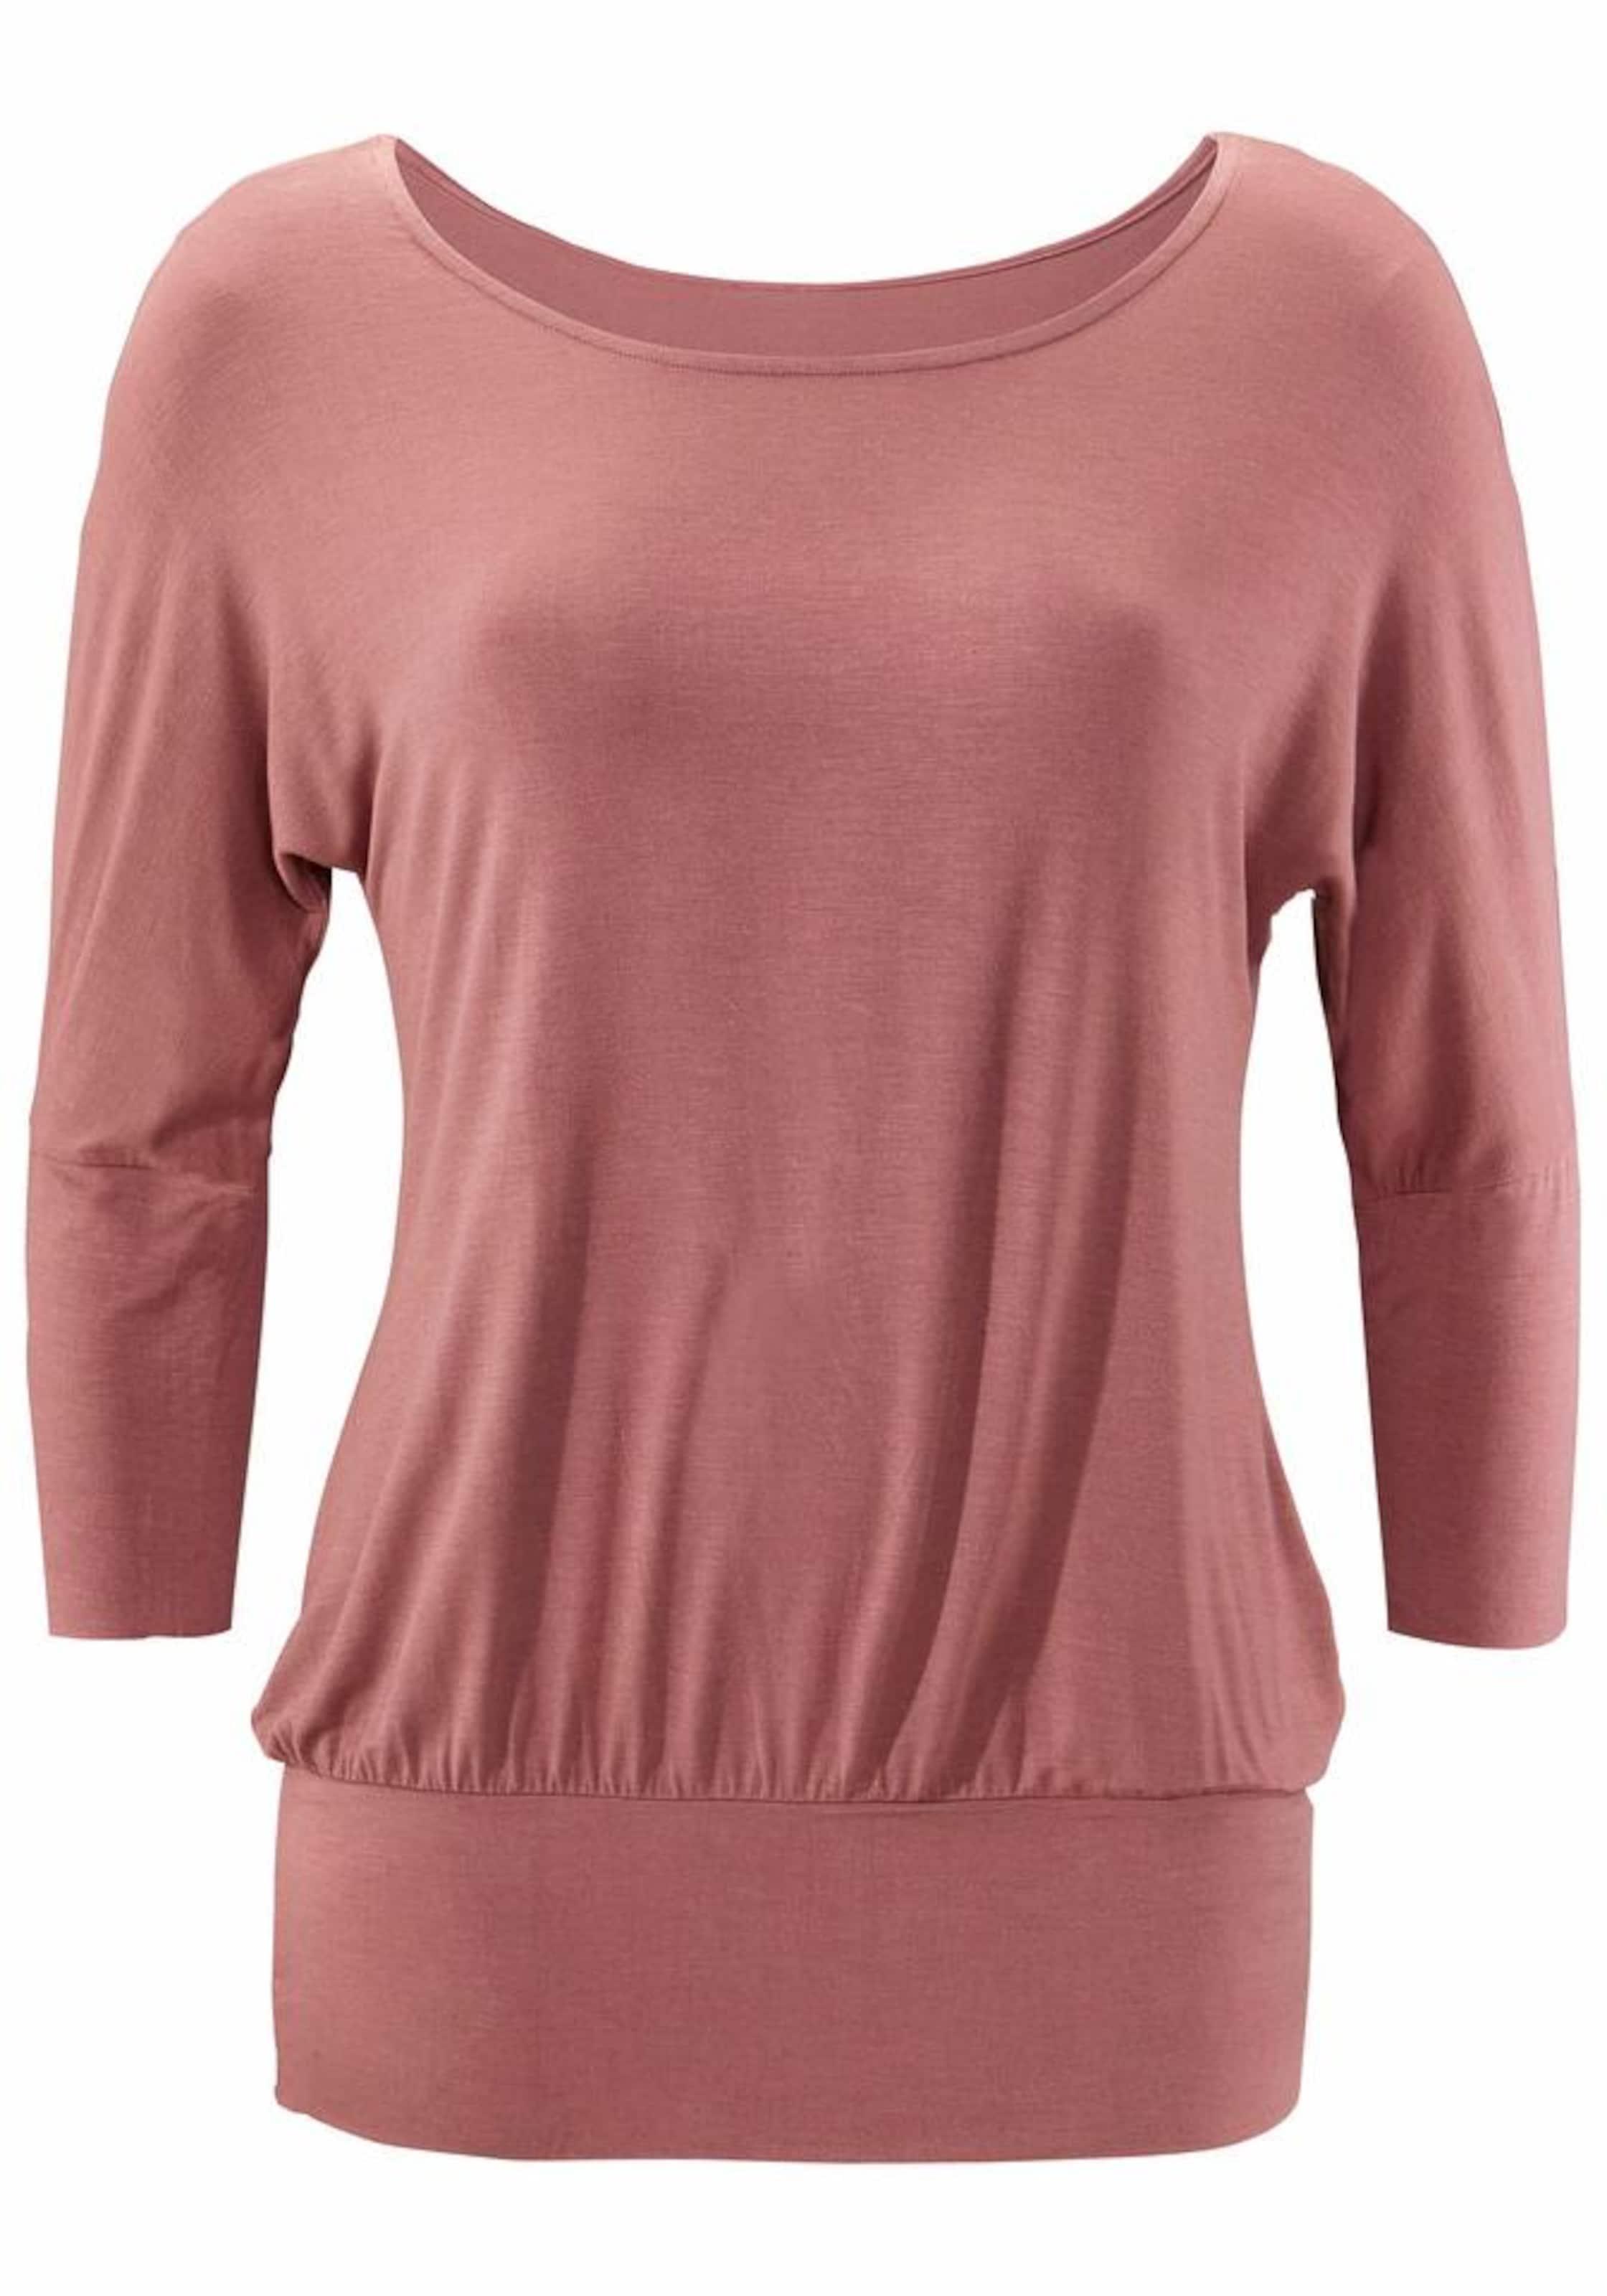 LASCANA Shirt Klassische Online LsCGV3Ei2N